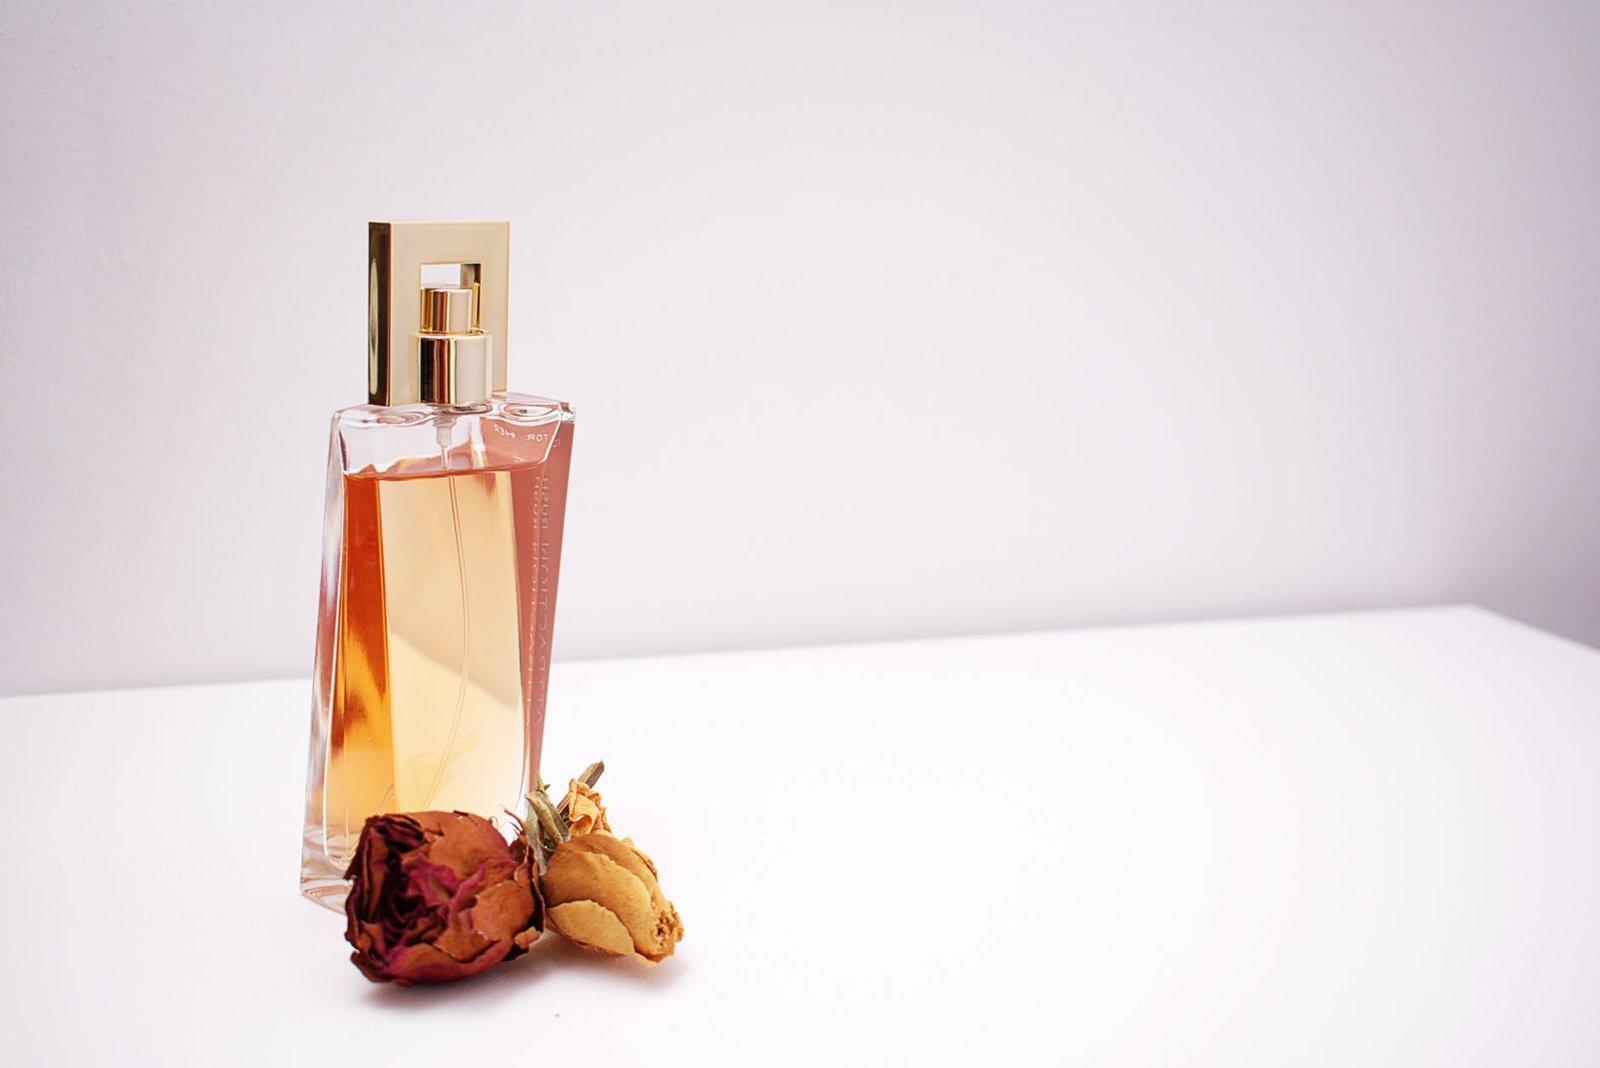 Kaip išsirinkti kvepalus?